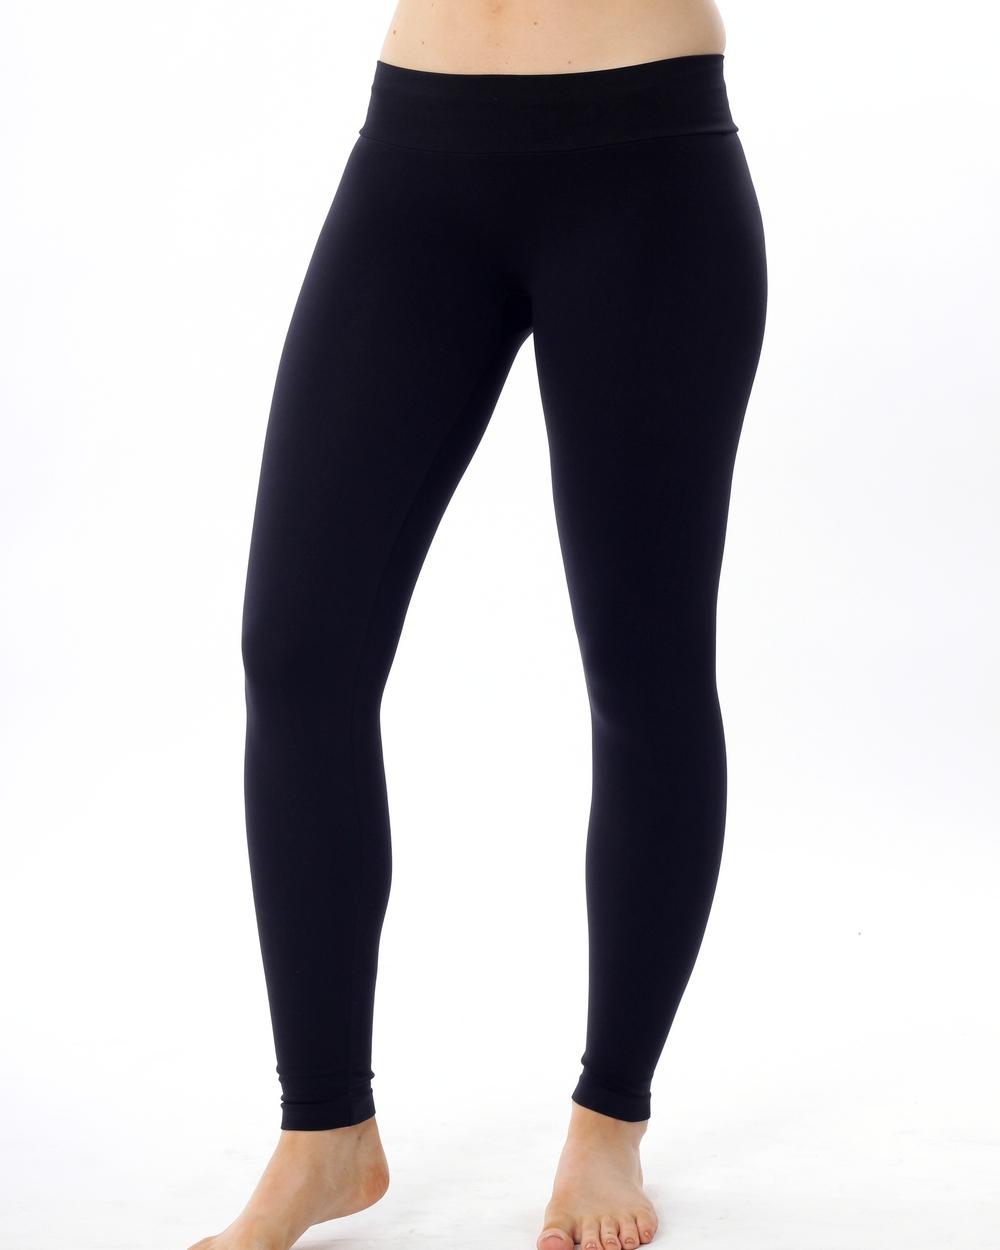 Nux Focus Legging in Black